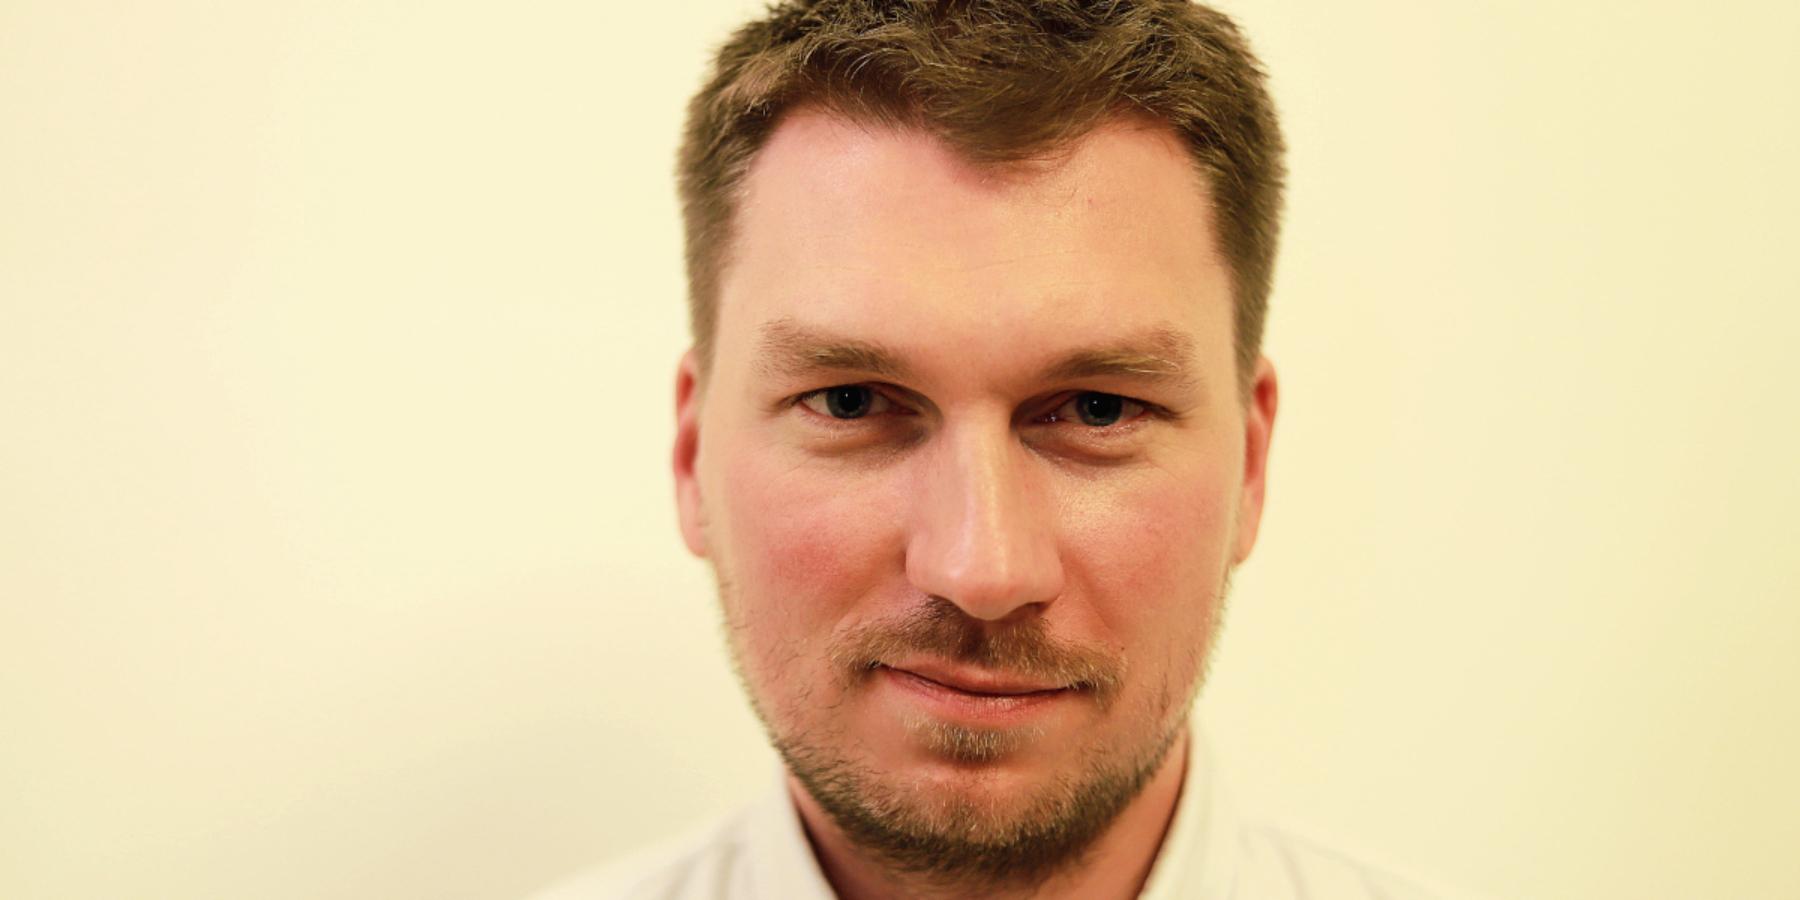 Tinder dla branży mieszkaniowej – jak Mieszkanie.pl chce zrewolucjonizować rynek?